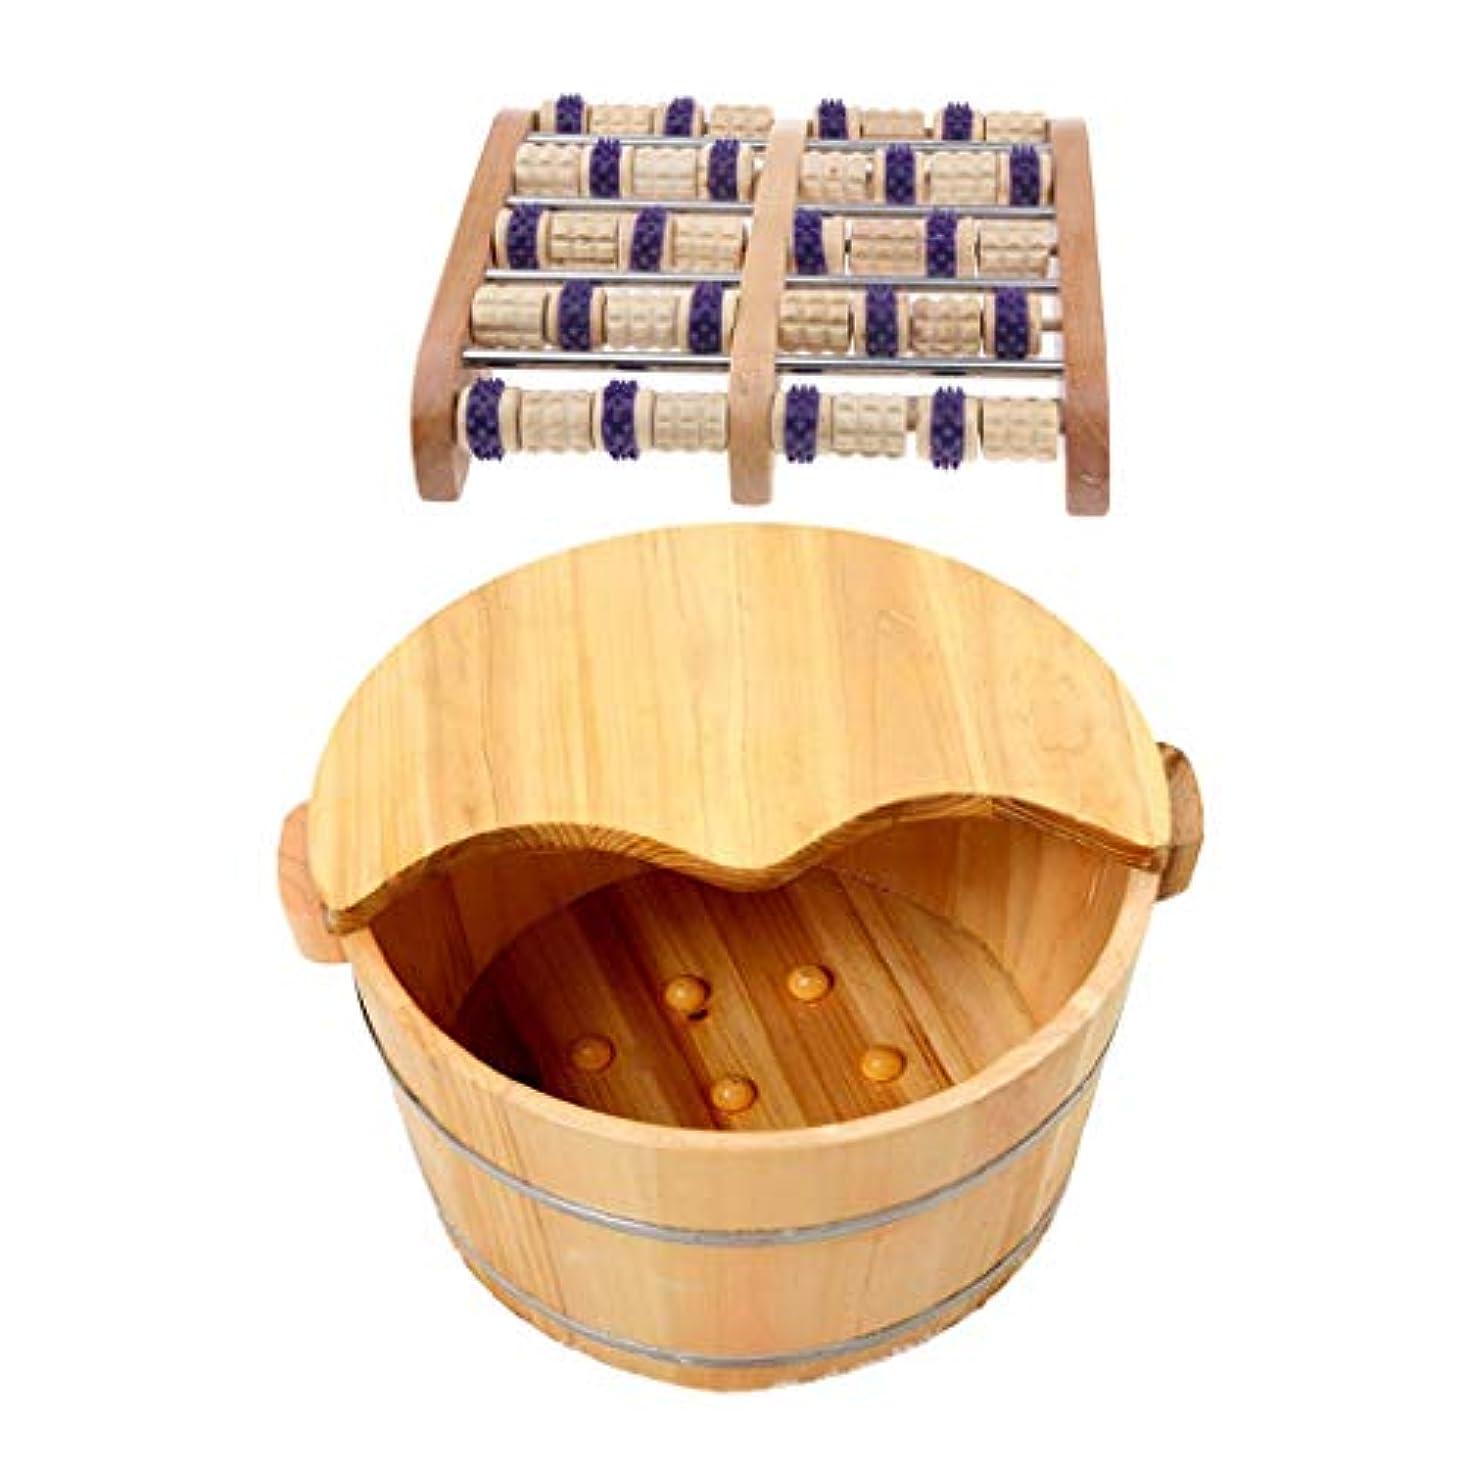 見せますなめるギャザーFenteer 足つぼマッサージ 手作りウッドマッサー フット ローラー 足裏刺激 血行促進 木製の足の洗面台付き